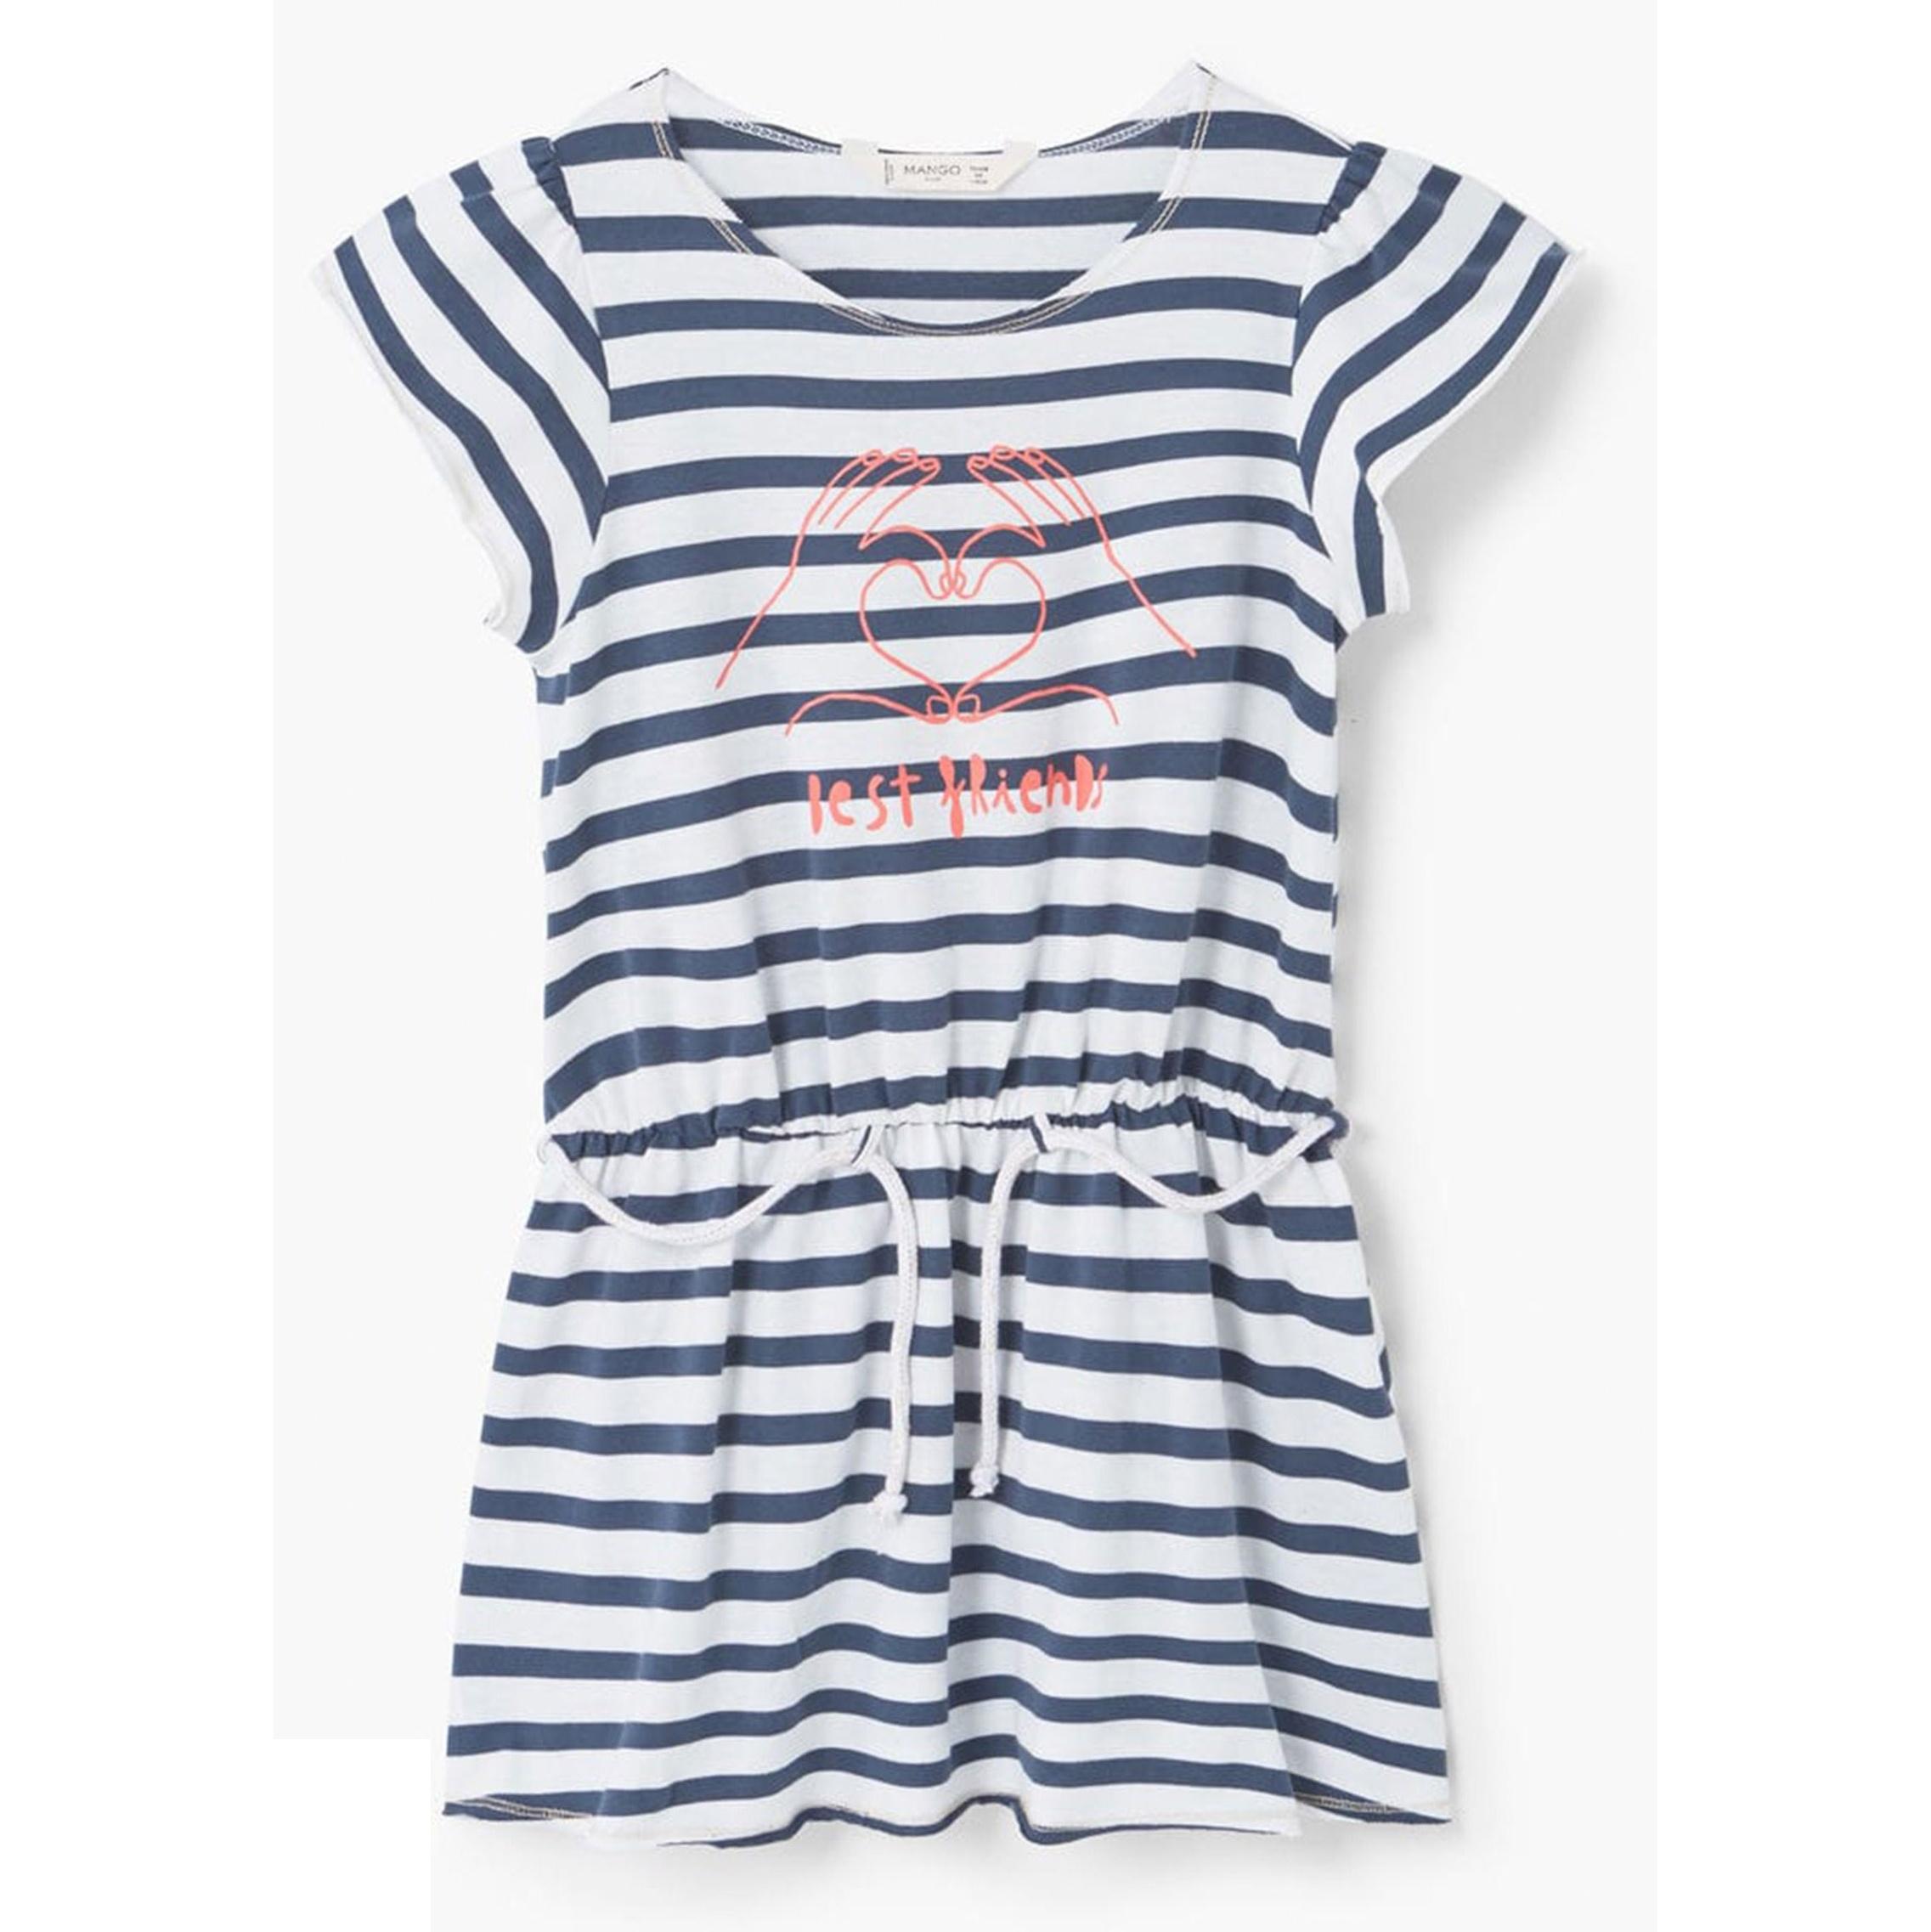 پیراهن نخی کوتاه دخترانه - مانگو -  - 1